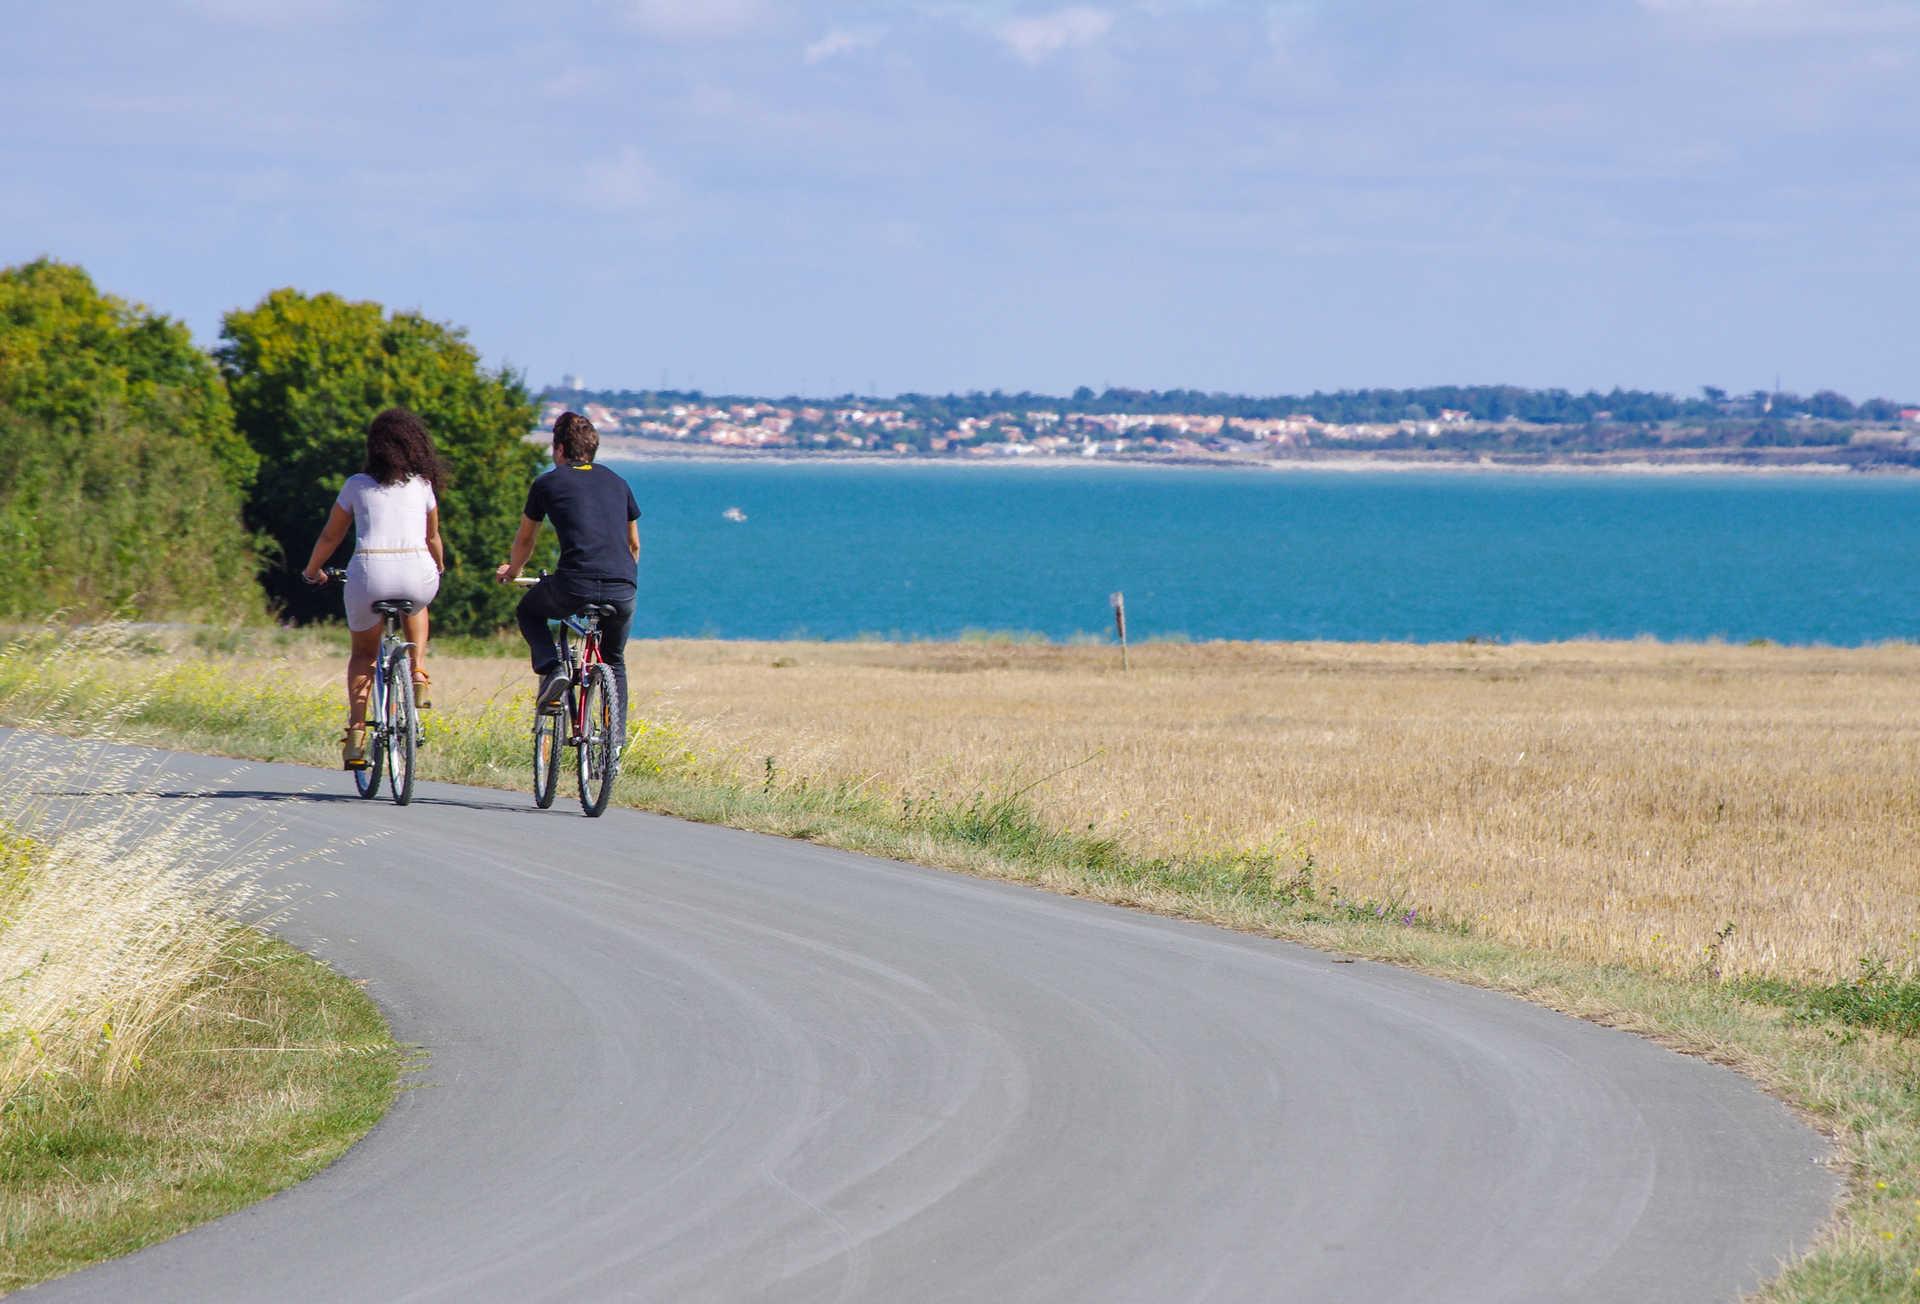 Circuit vélo Liberté Royan Oléron Sud Ouest France